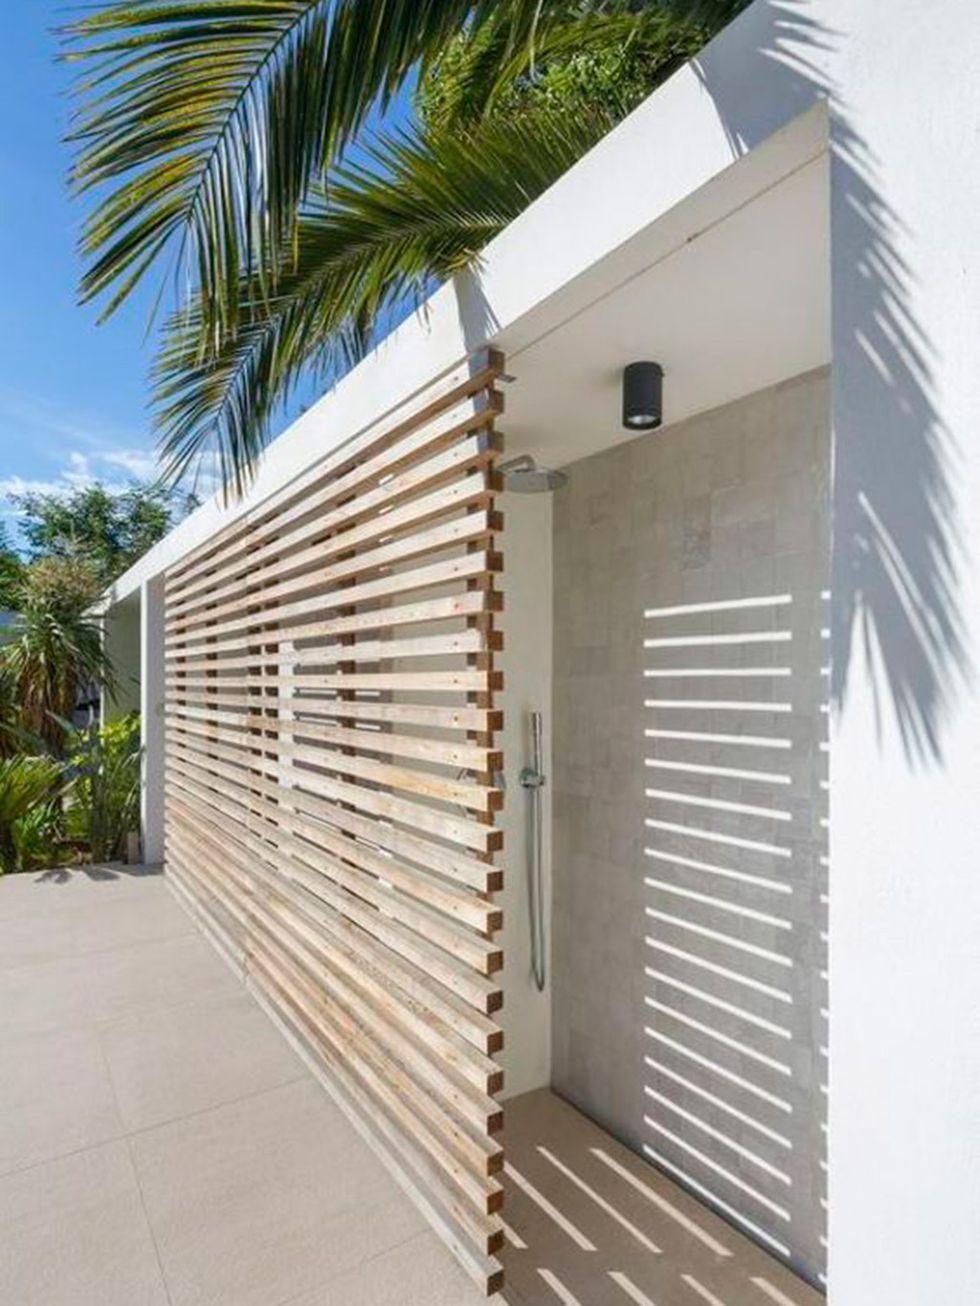 17 duchas al aire libre ducha de piscina ducha de for Jardin al aire libre de madera deco